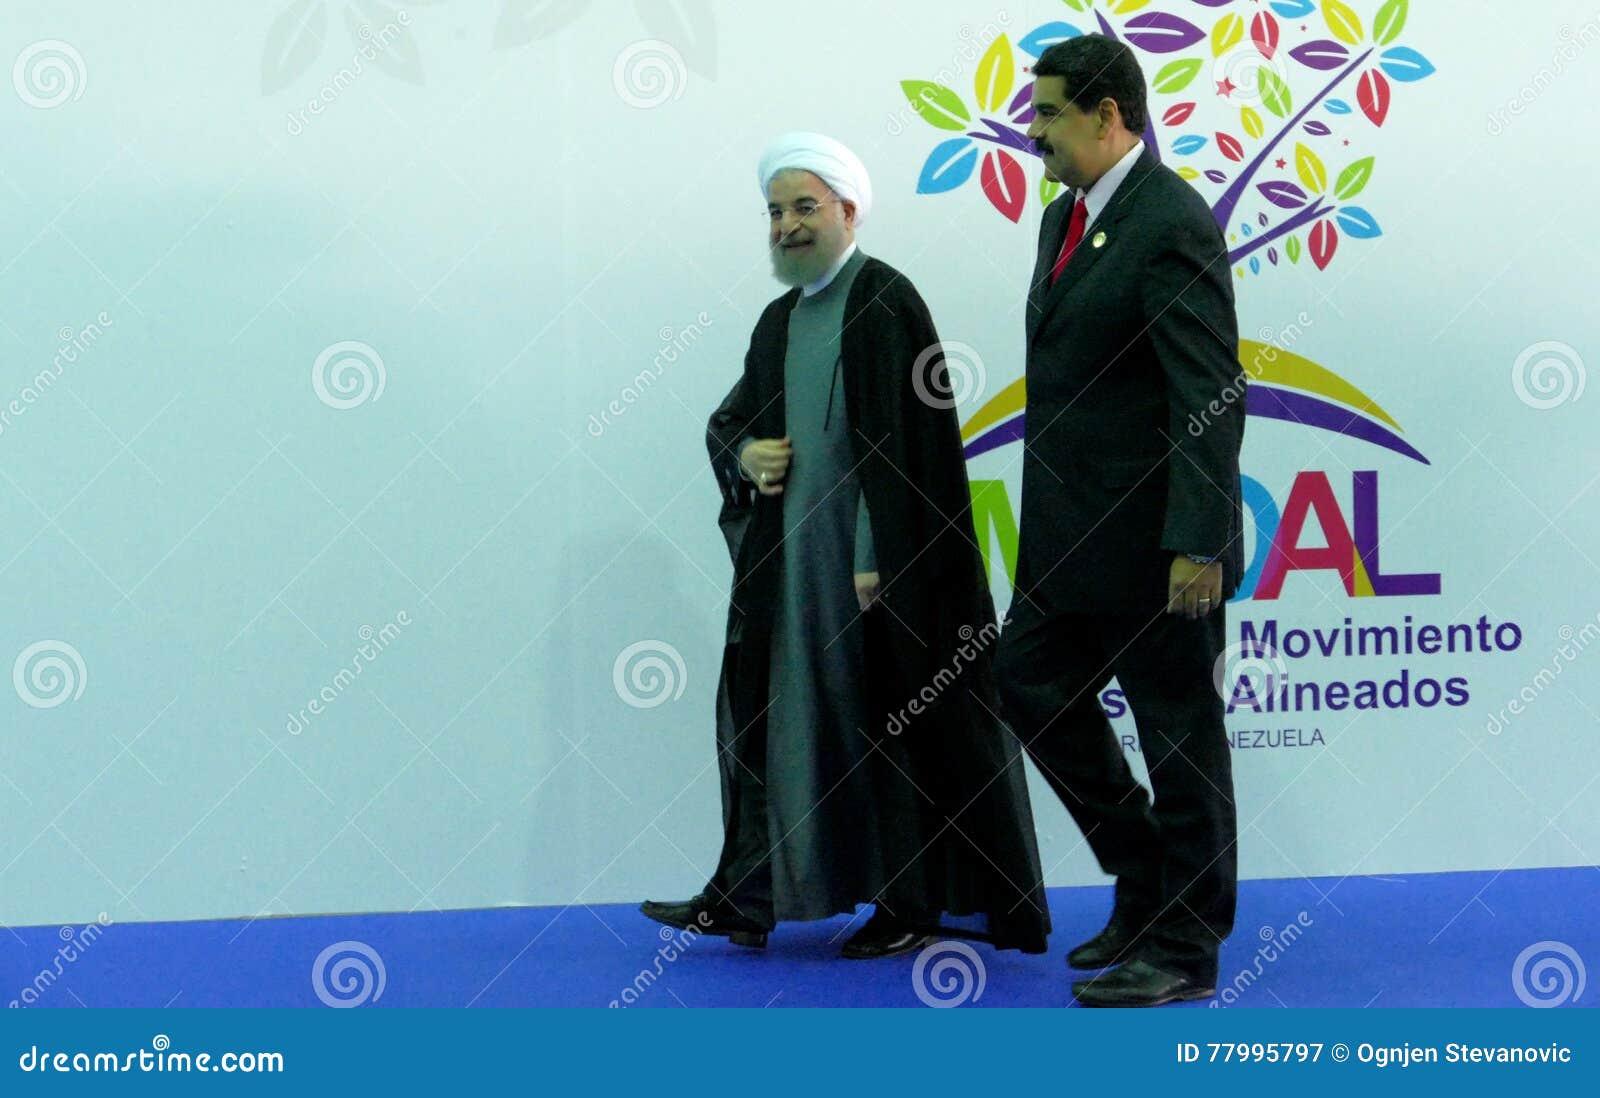 伊朗总统哈桑鲁哈尼和委内瑞拉总统尼古拉斯・马杜罗